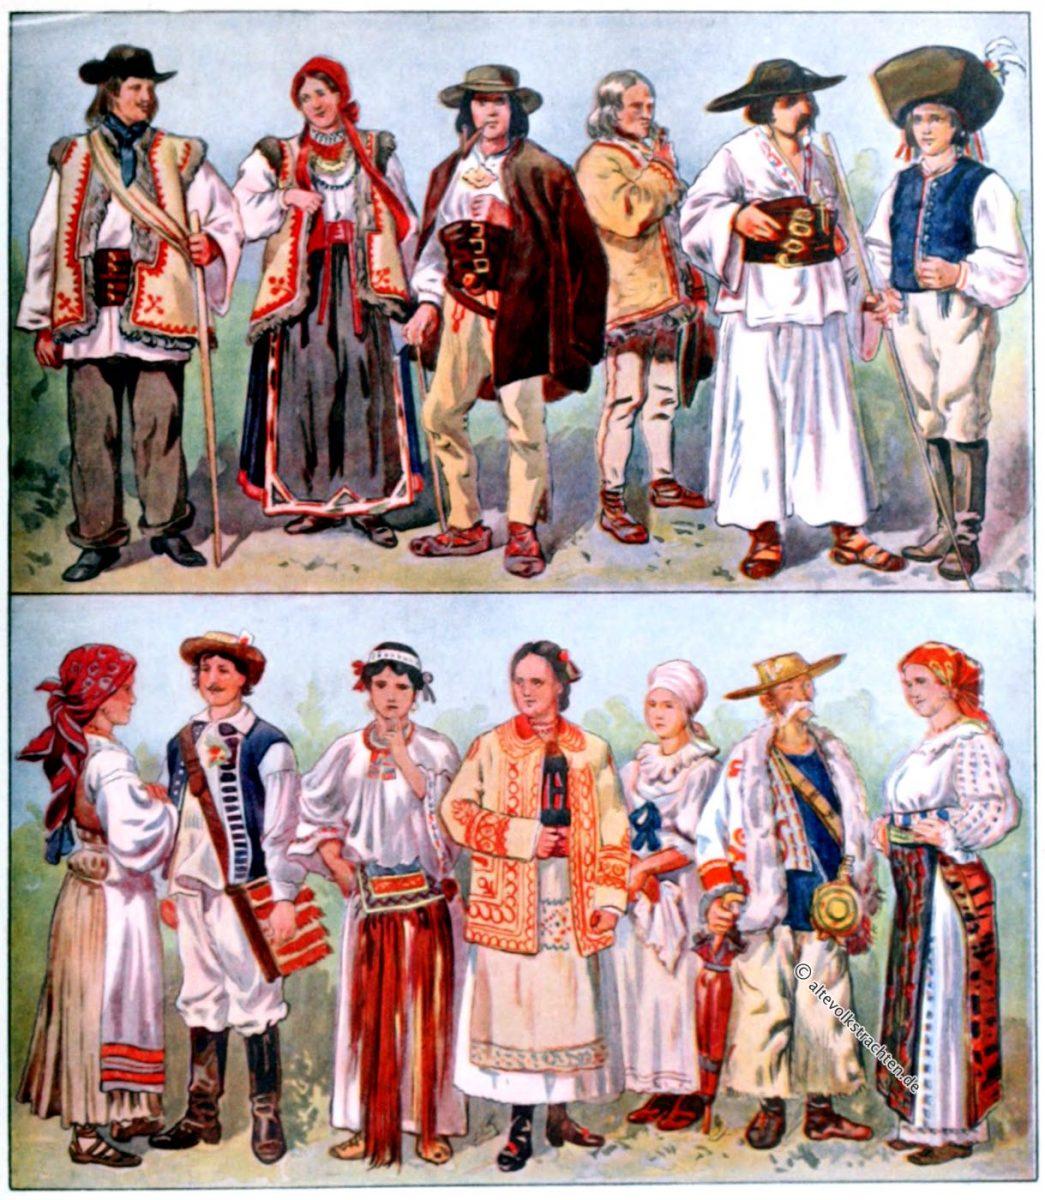 Trachten, Ungarn, Kroatien, Rumänien, Ruthenien, Slowakei